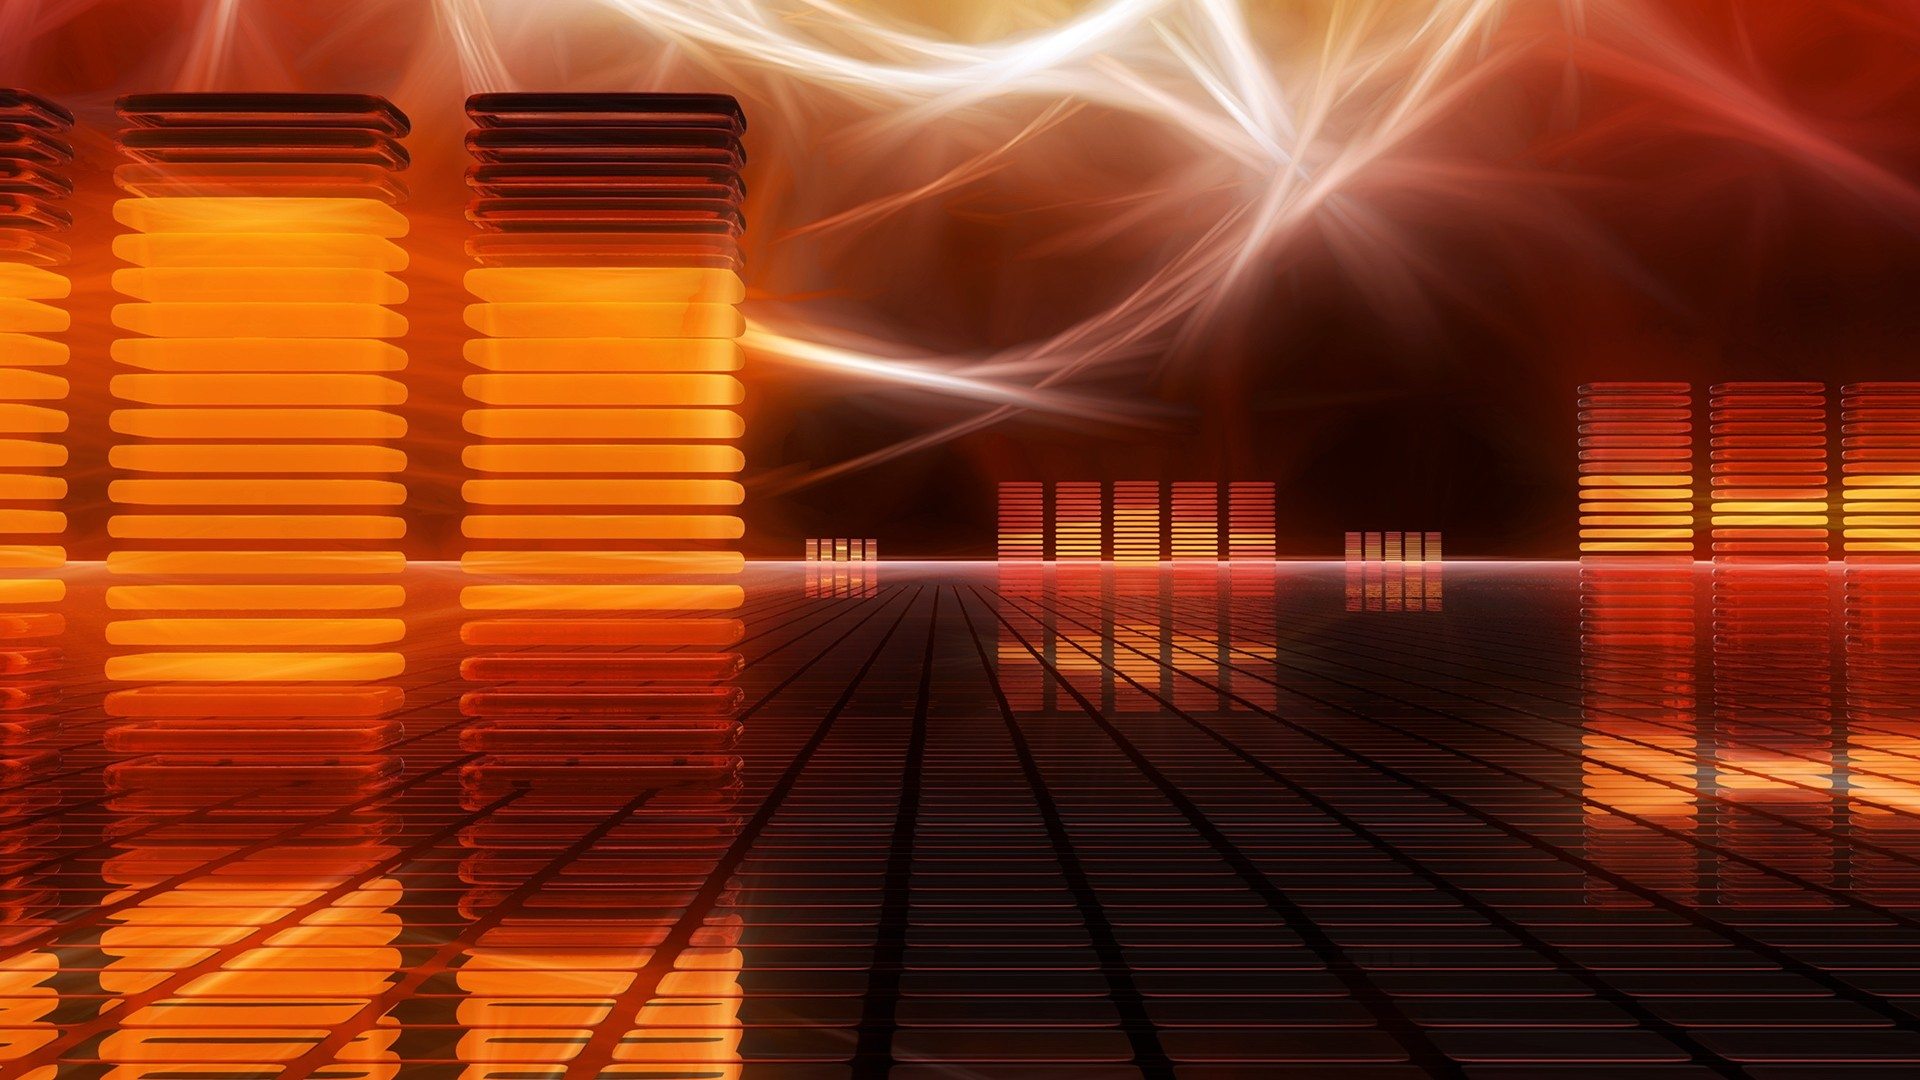 Fondo De Pantalla Abstracto Barras De Colores: Abstract Music Wallpapers